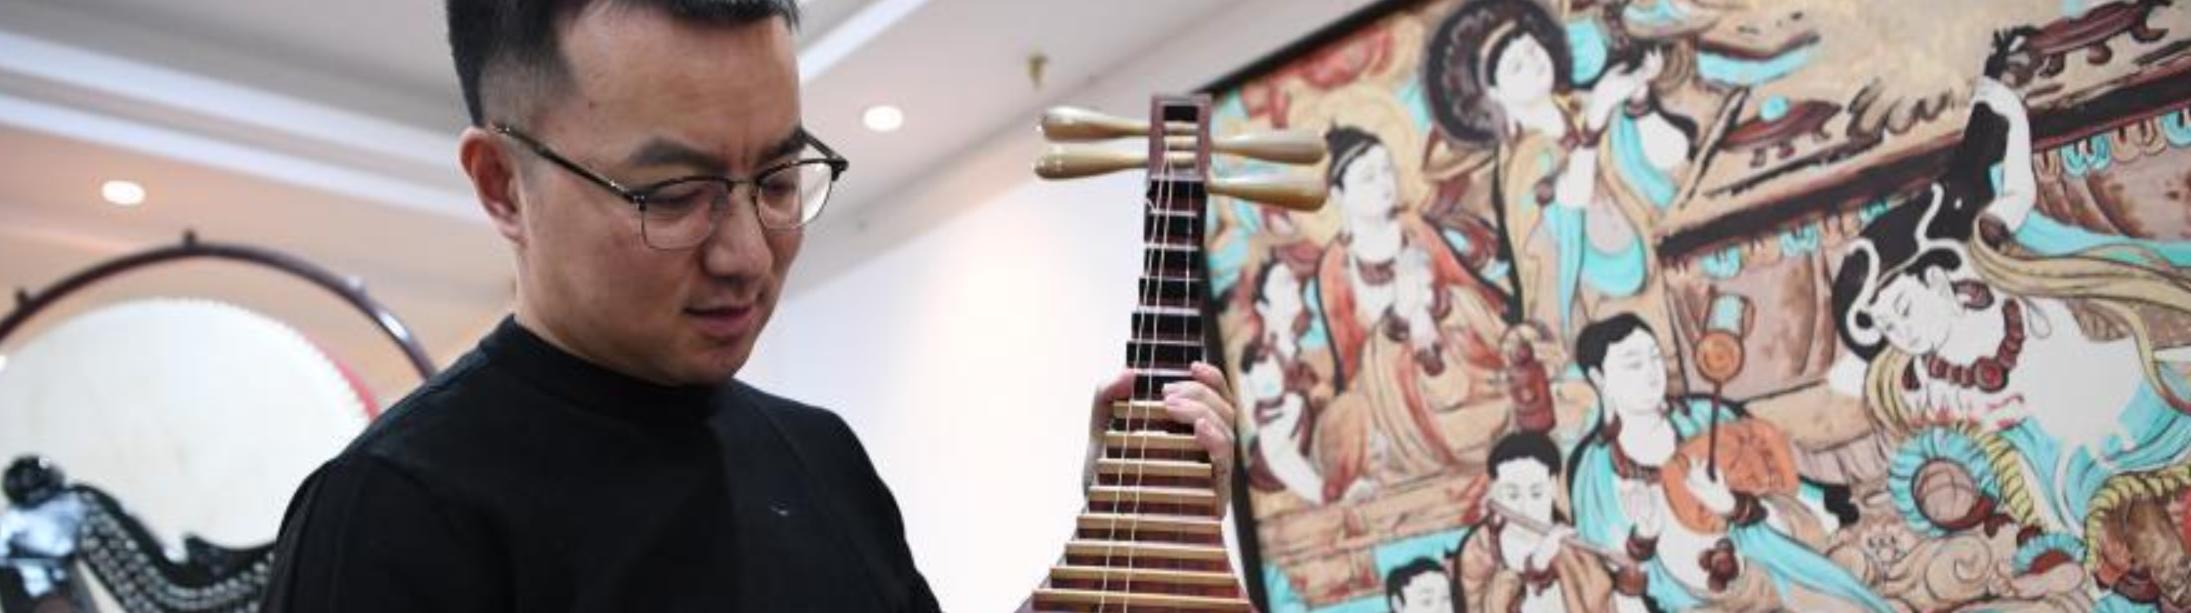 反弹琵琶乐古今——马成虎的敦煌壁画乐器复原故事